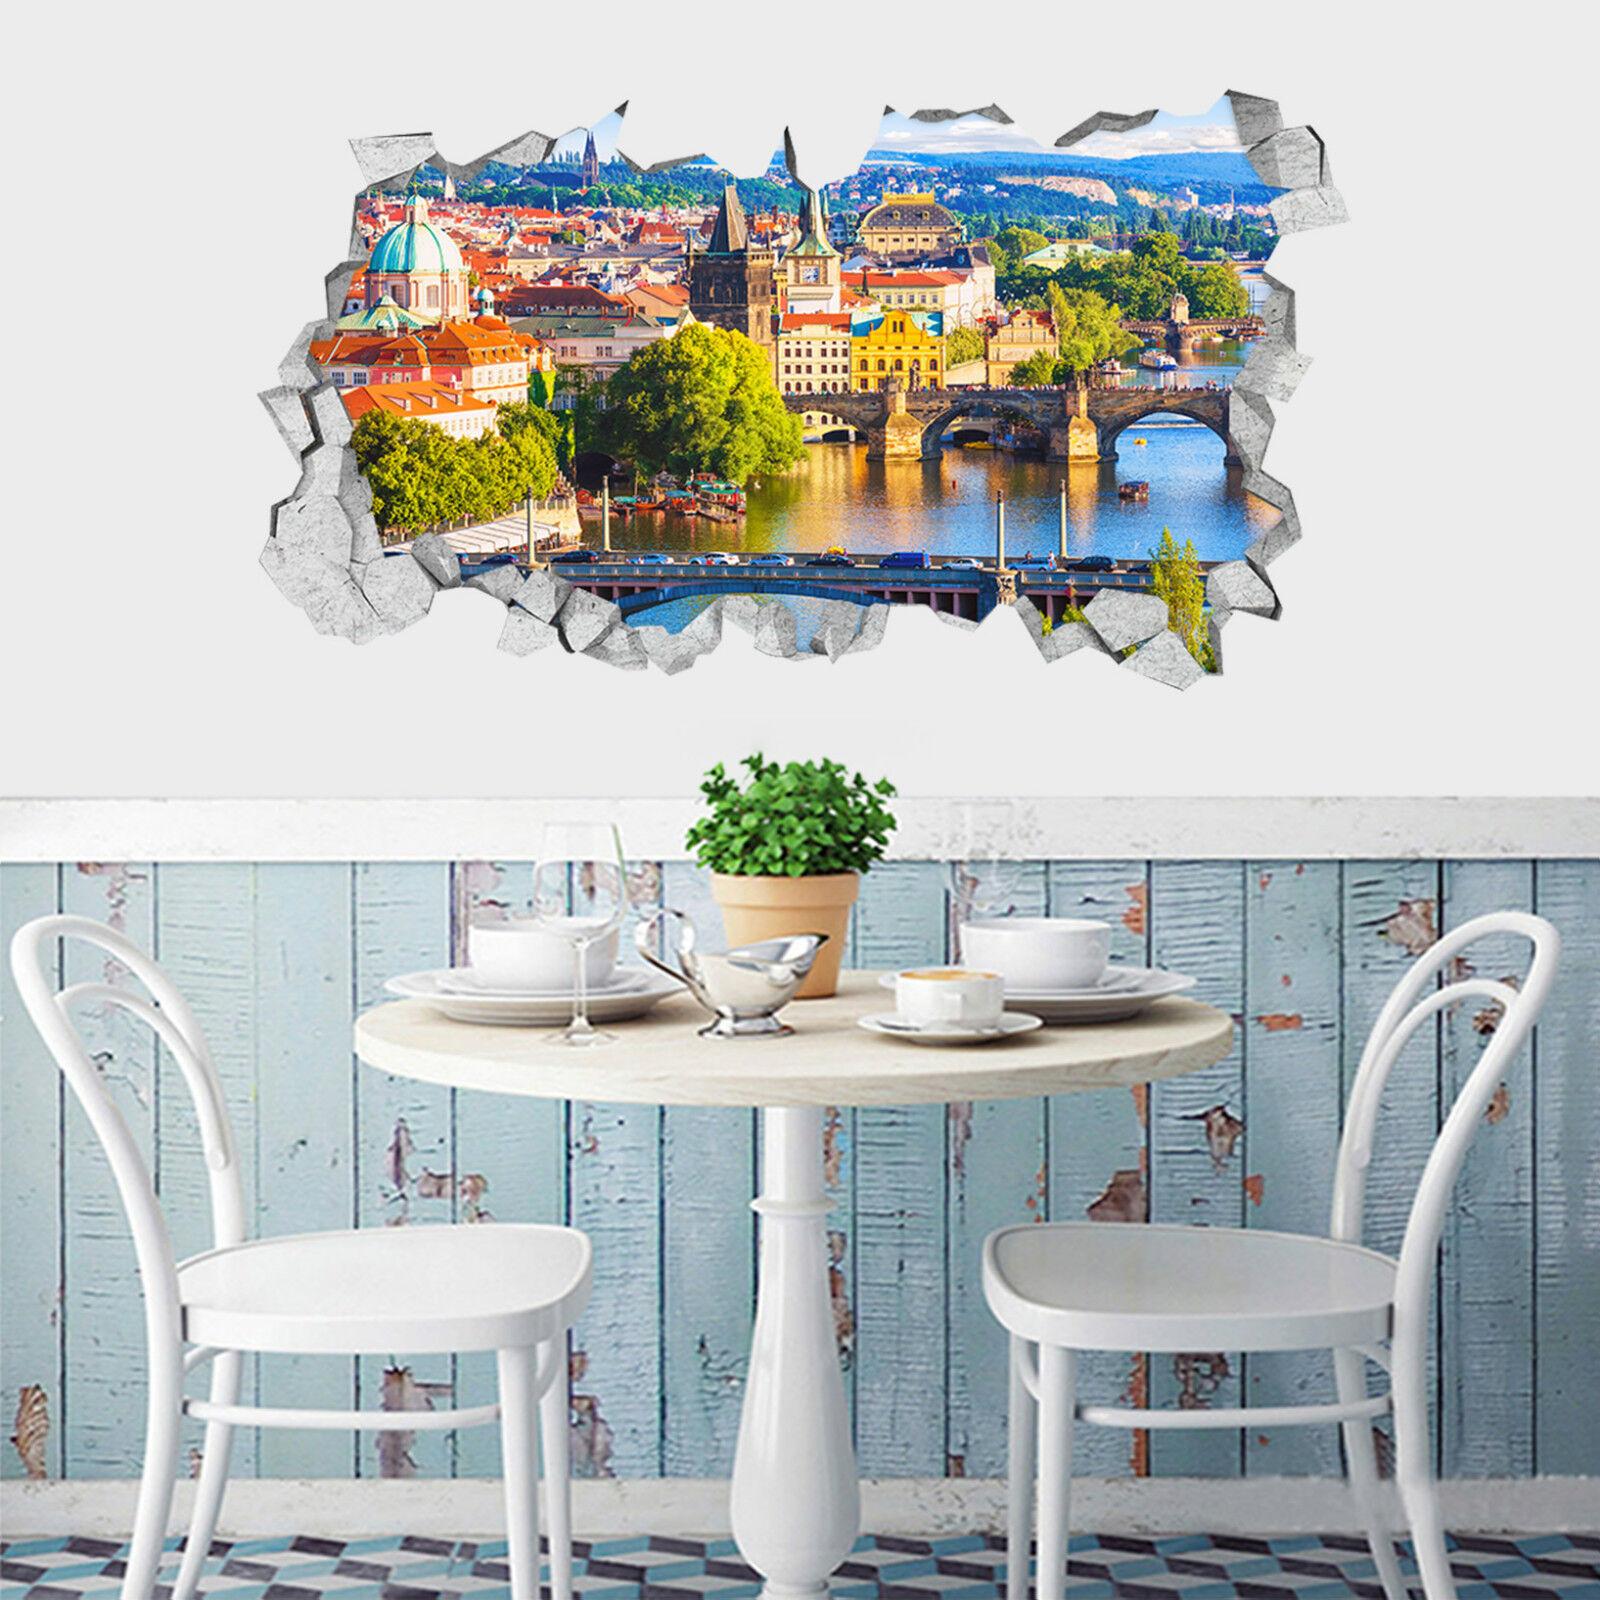 3D Seehaus 523 Mauer Murals Aufklebe Decal Durchbruch AJ WALLPAPER DE Lemon